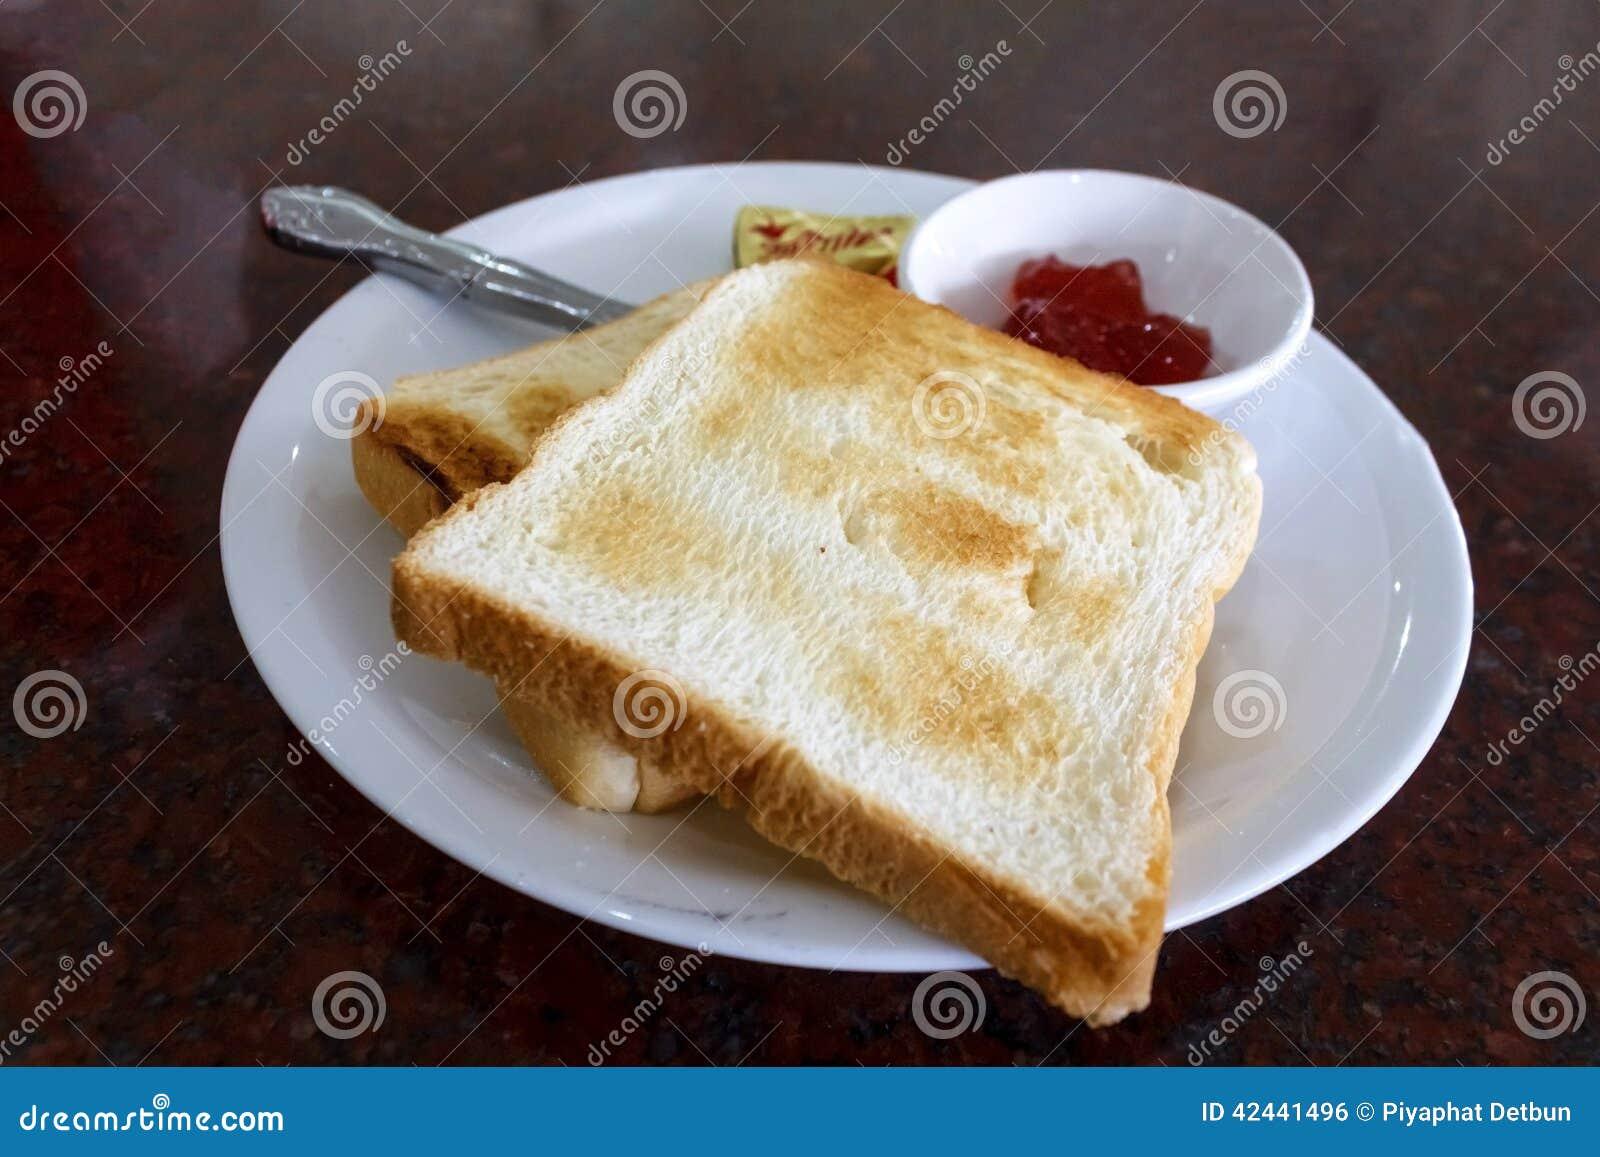 Desayuno de la tostada